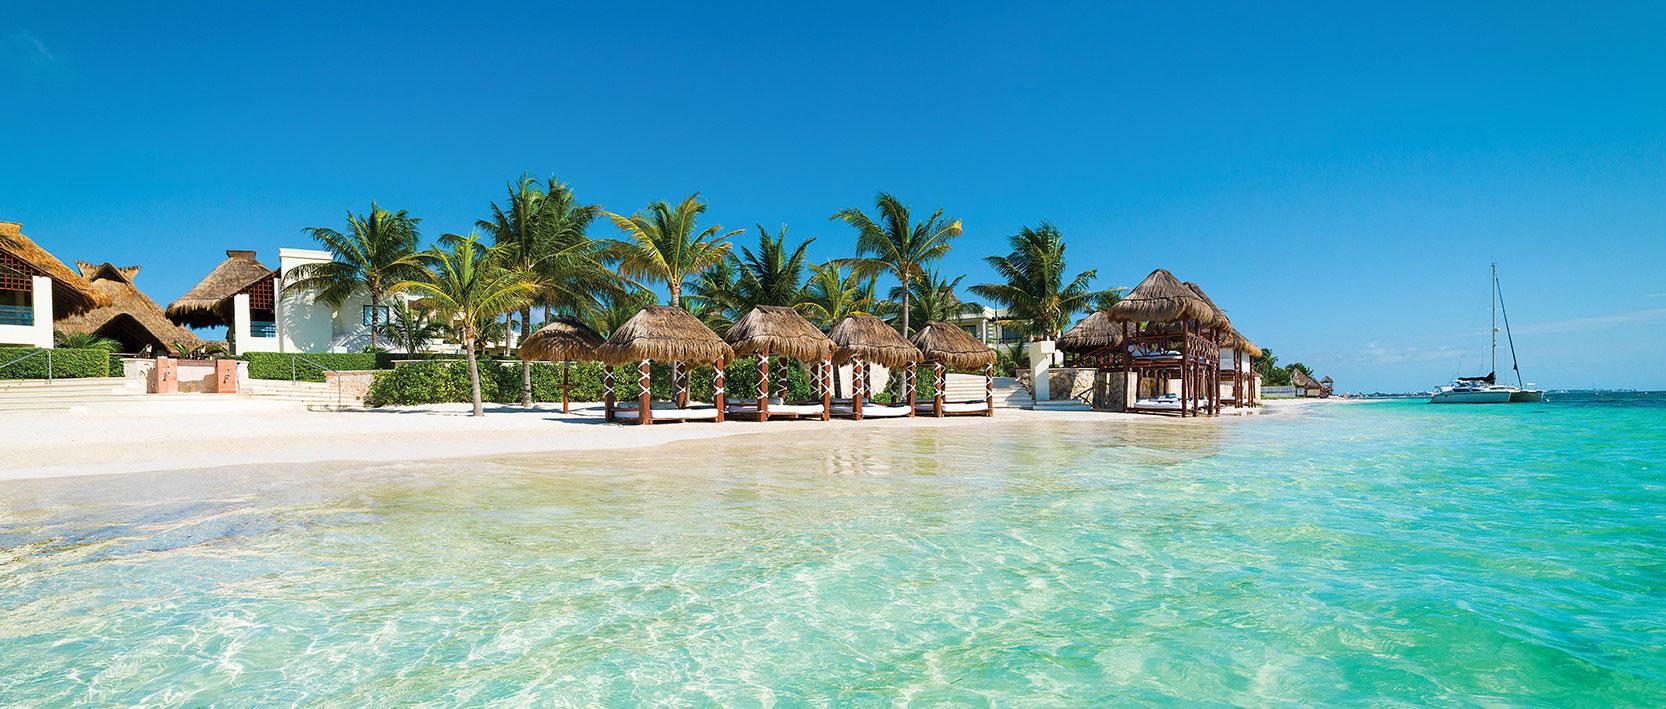 Azul Beach Hotel Travel By Bob